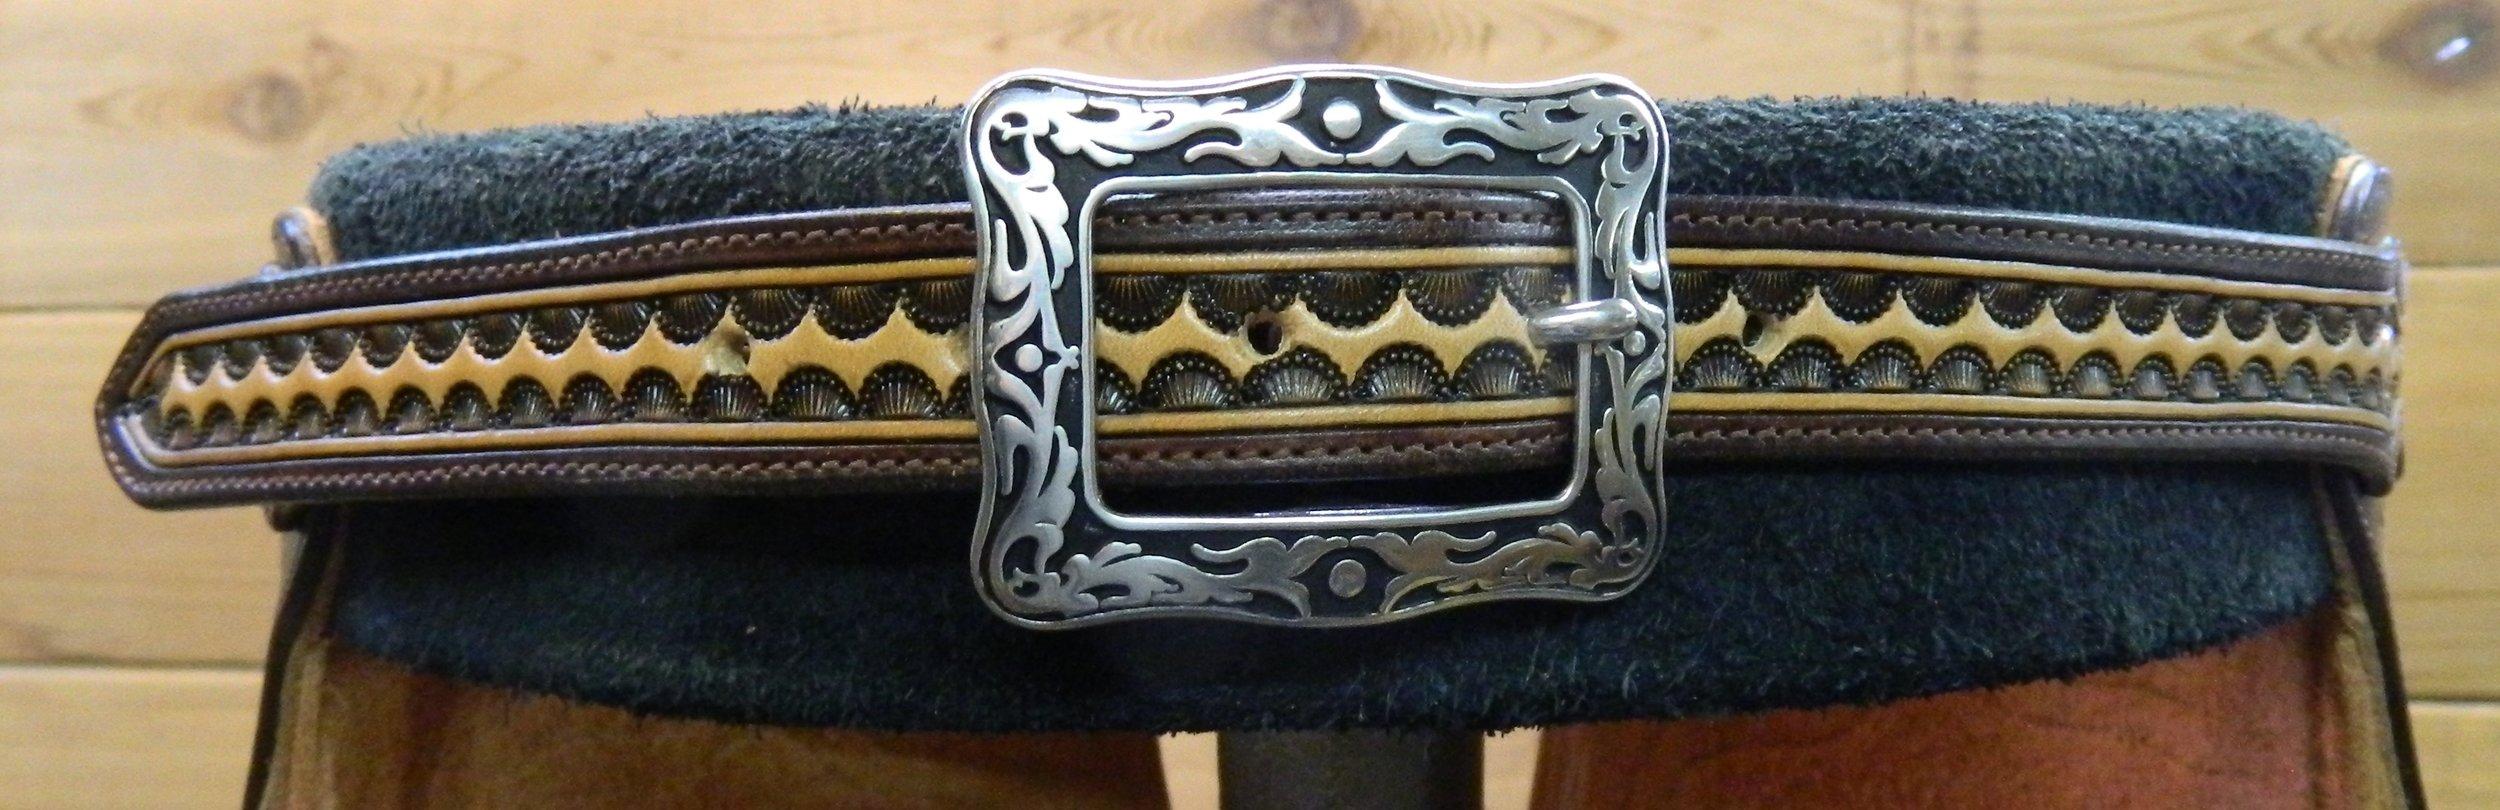 Woolie Chinks - Back Belt